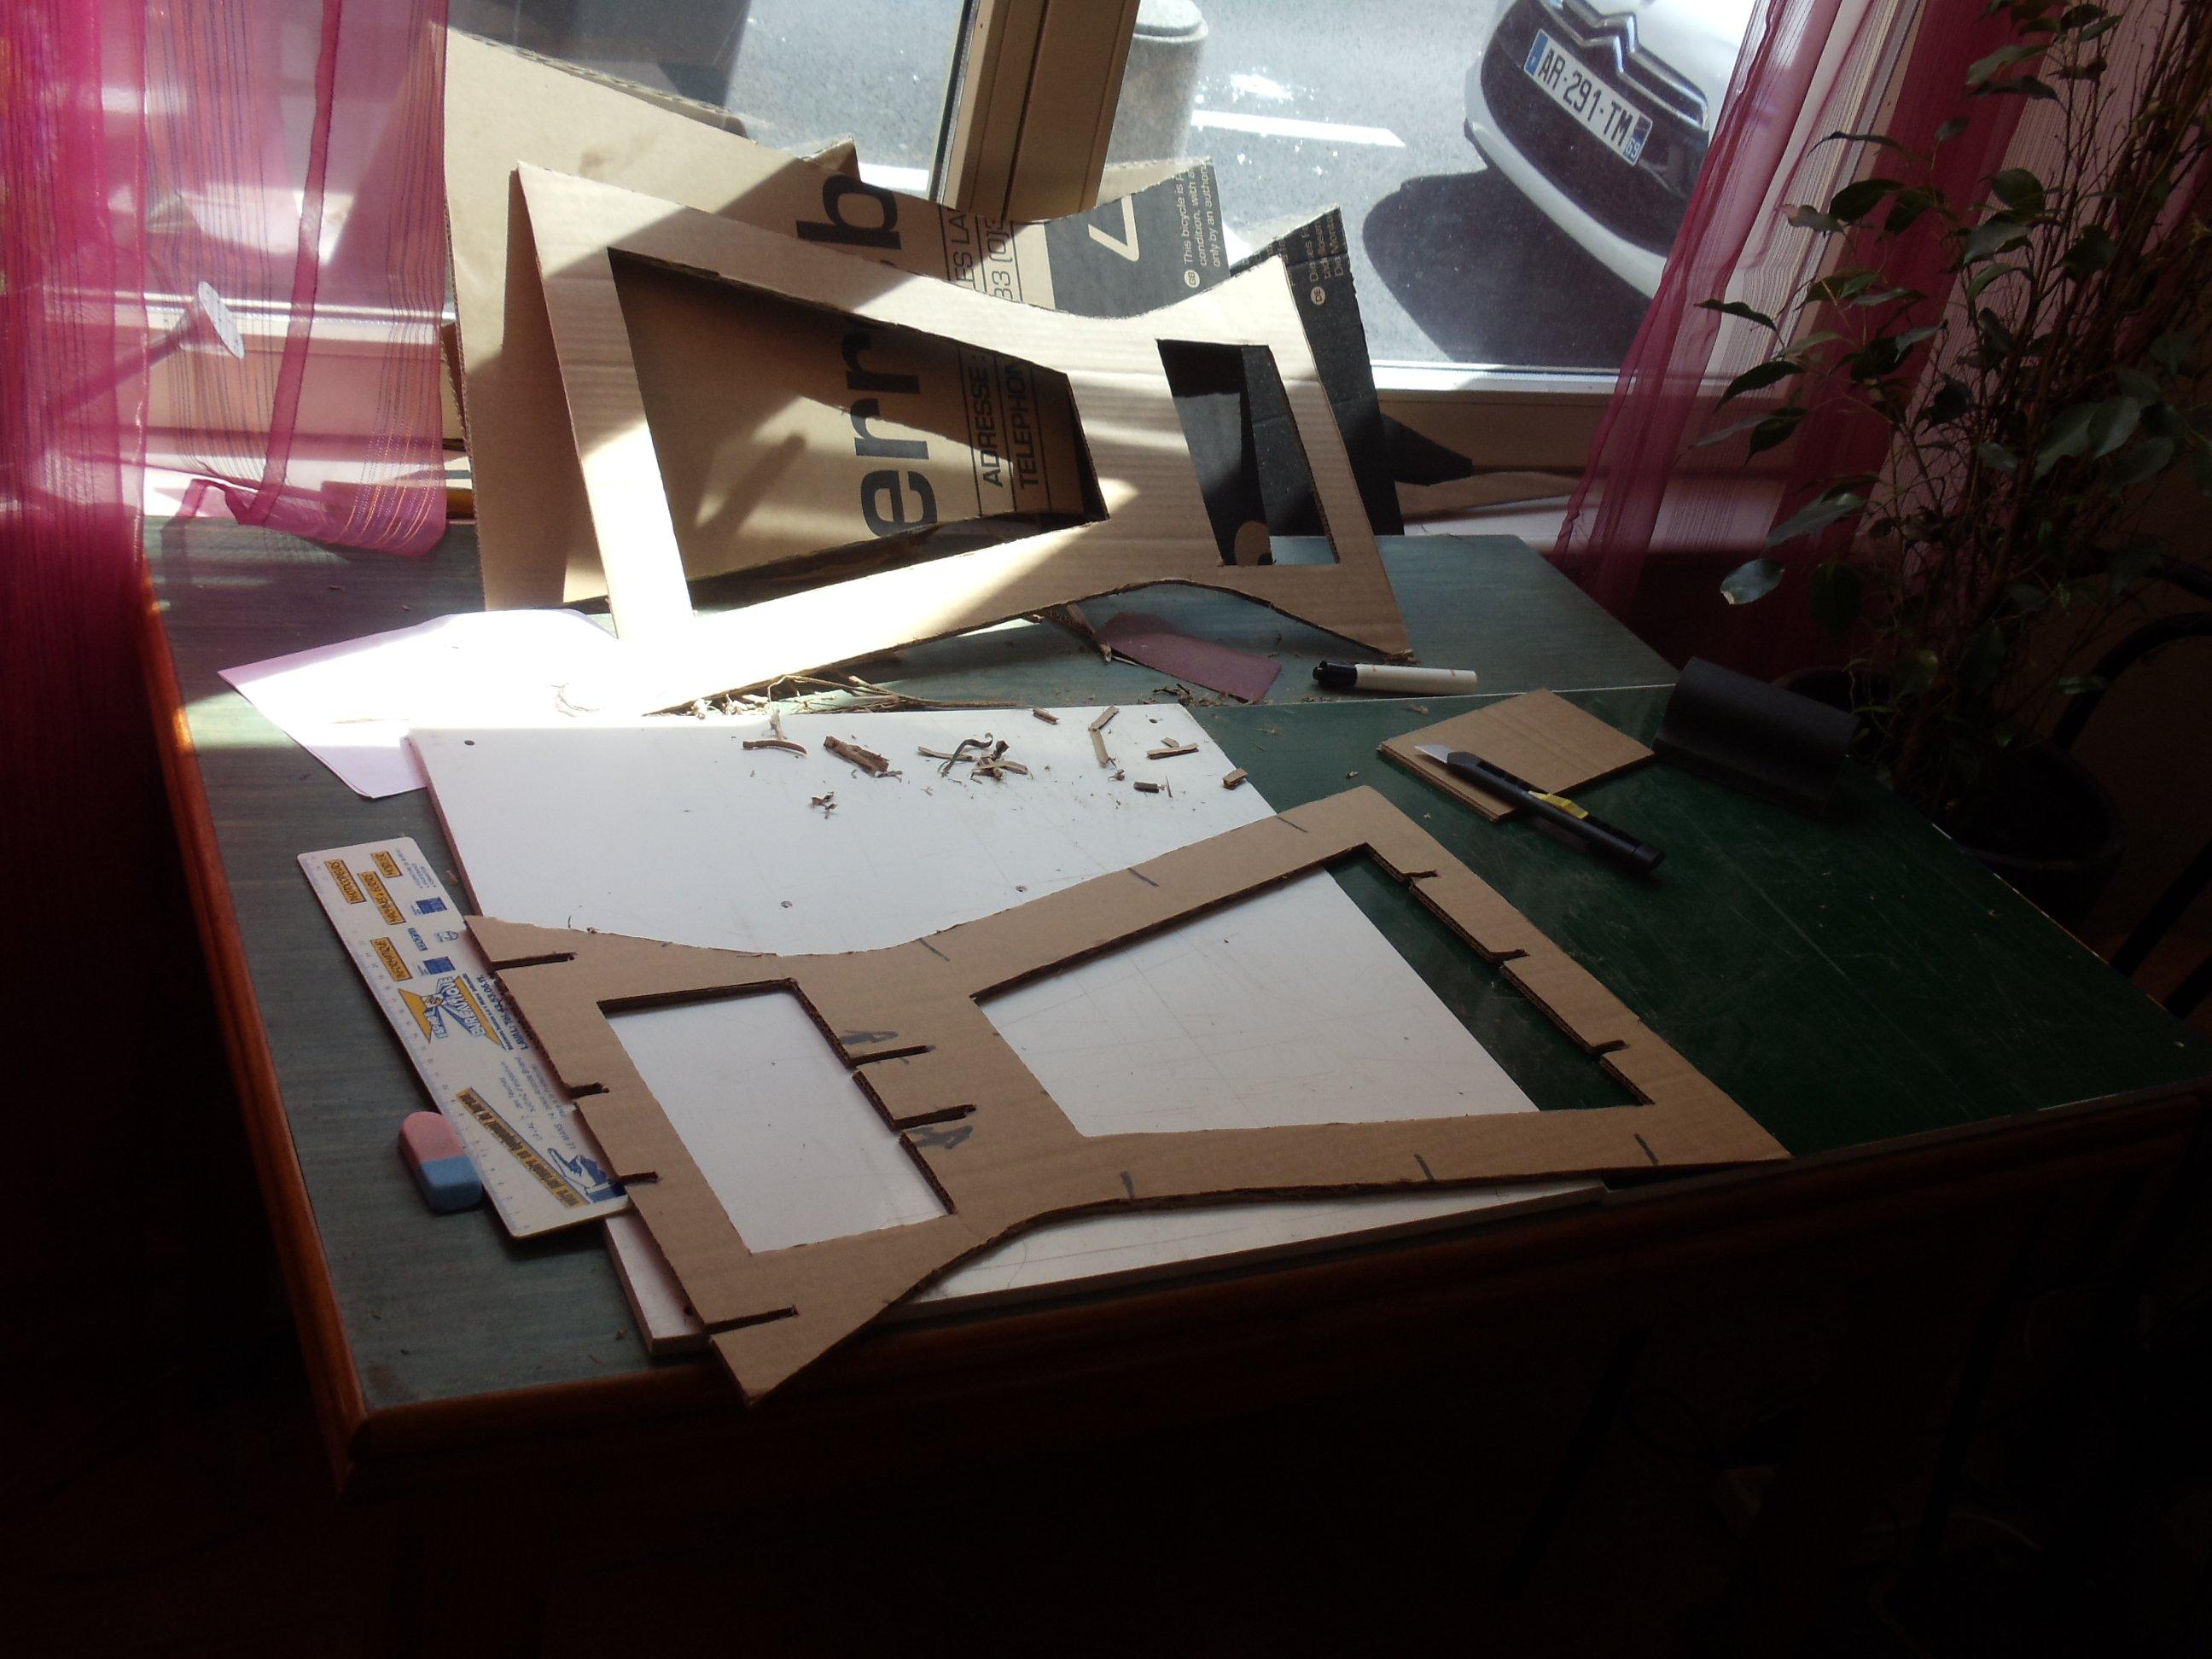 Meuble En Carton 2 Me Tape Une Table De Nuit David